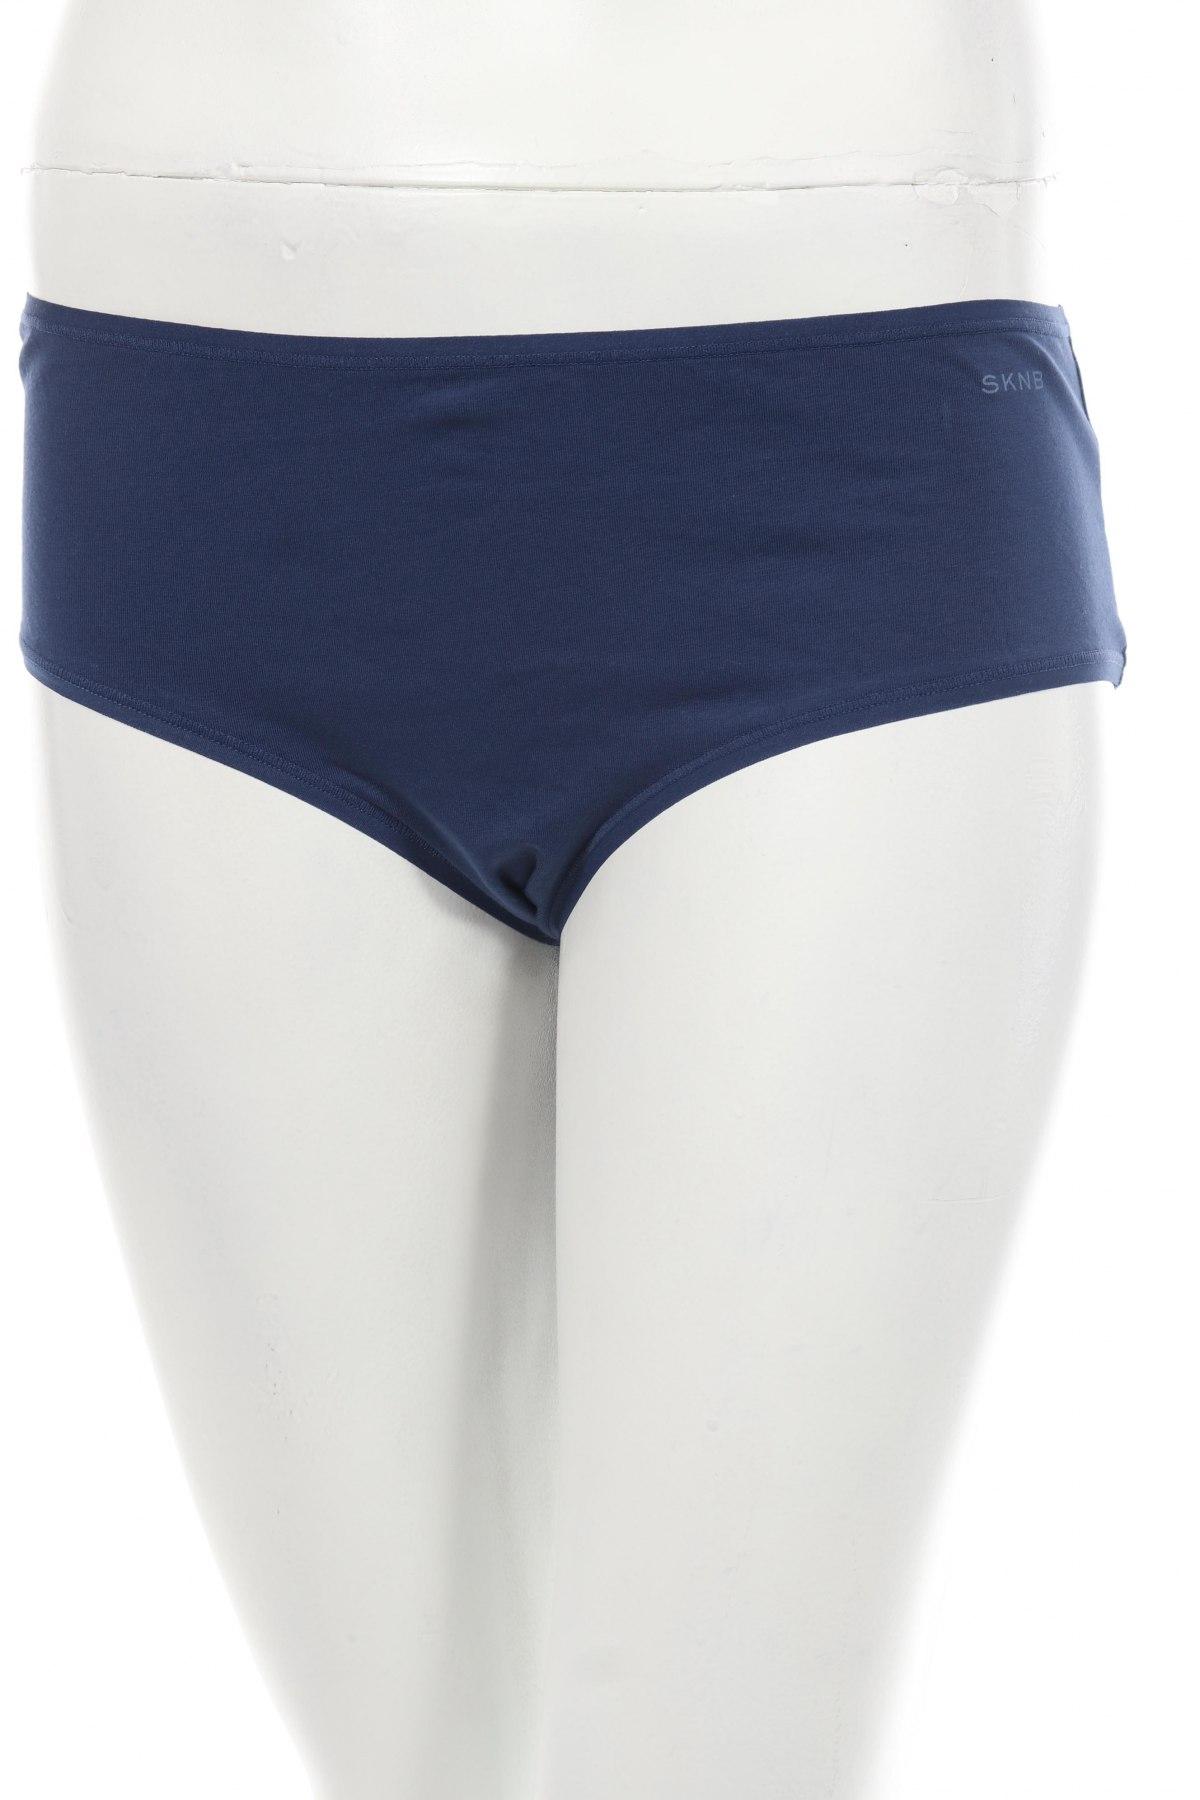 Дамски комплект SKNB, Размер XL, Цвят Син, 95% памук, 5% еластан, Цена 23,31лв.